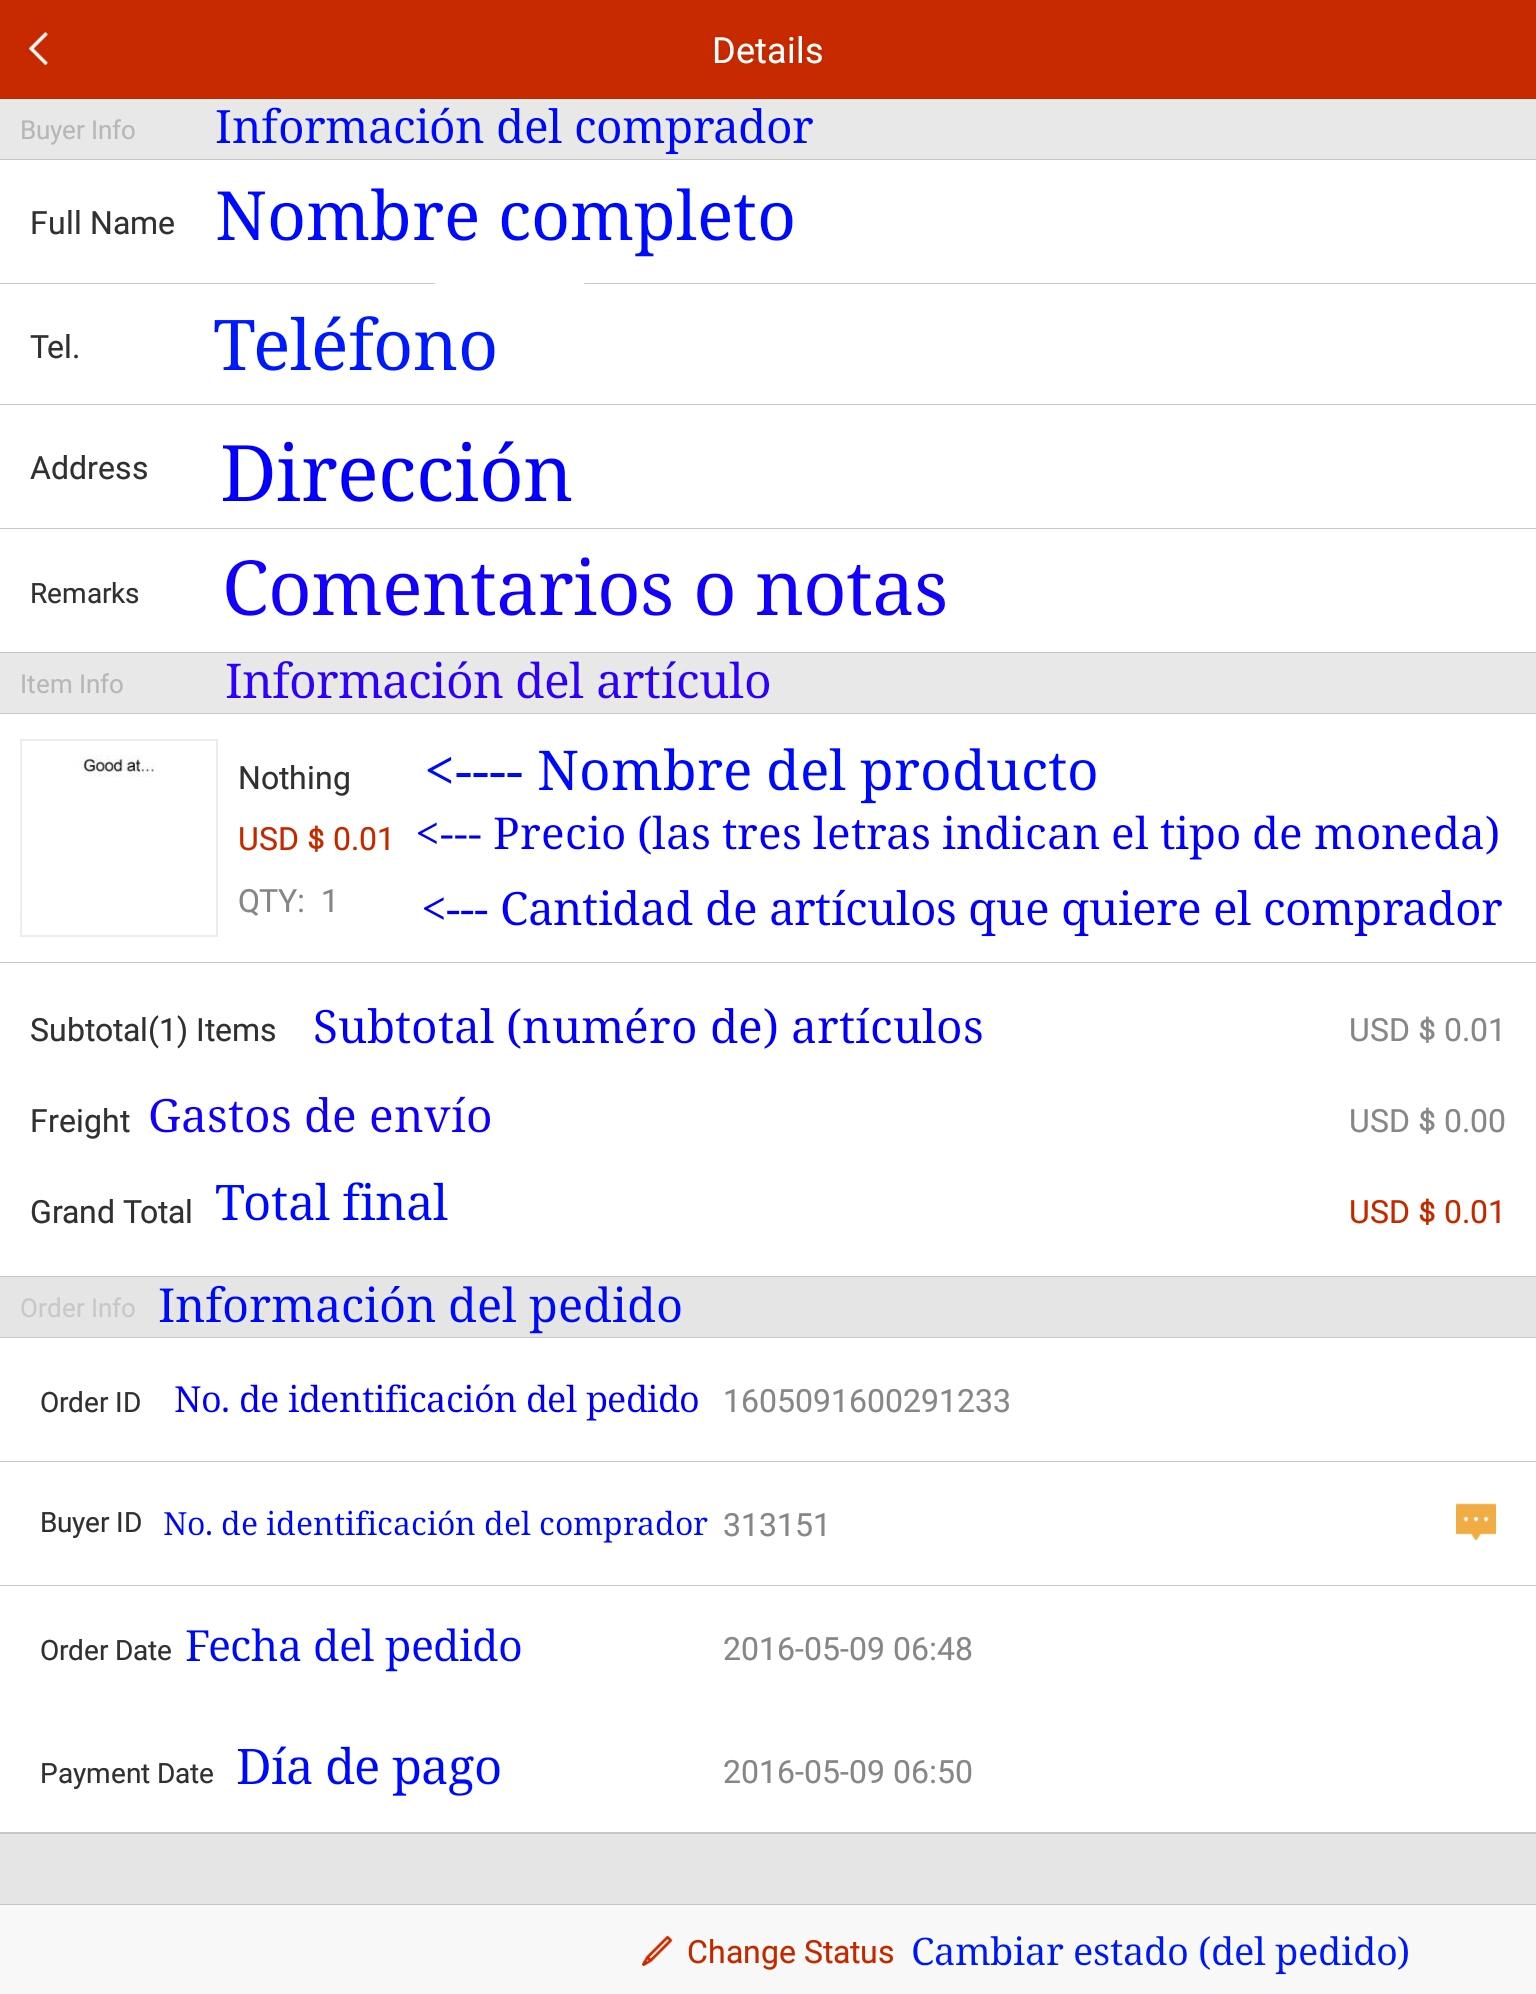 Una traducción de cómo se ve la pantalla de la orden de un pedido